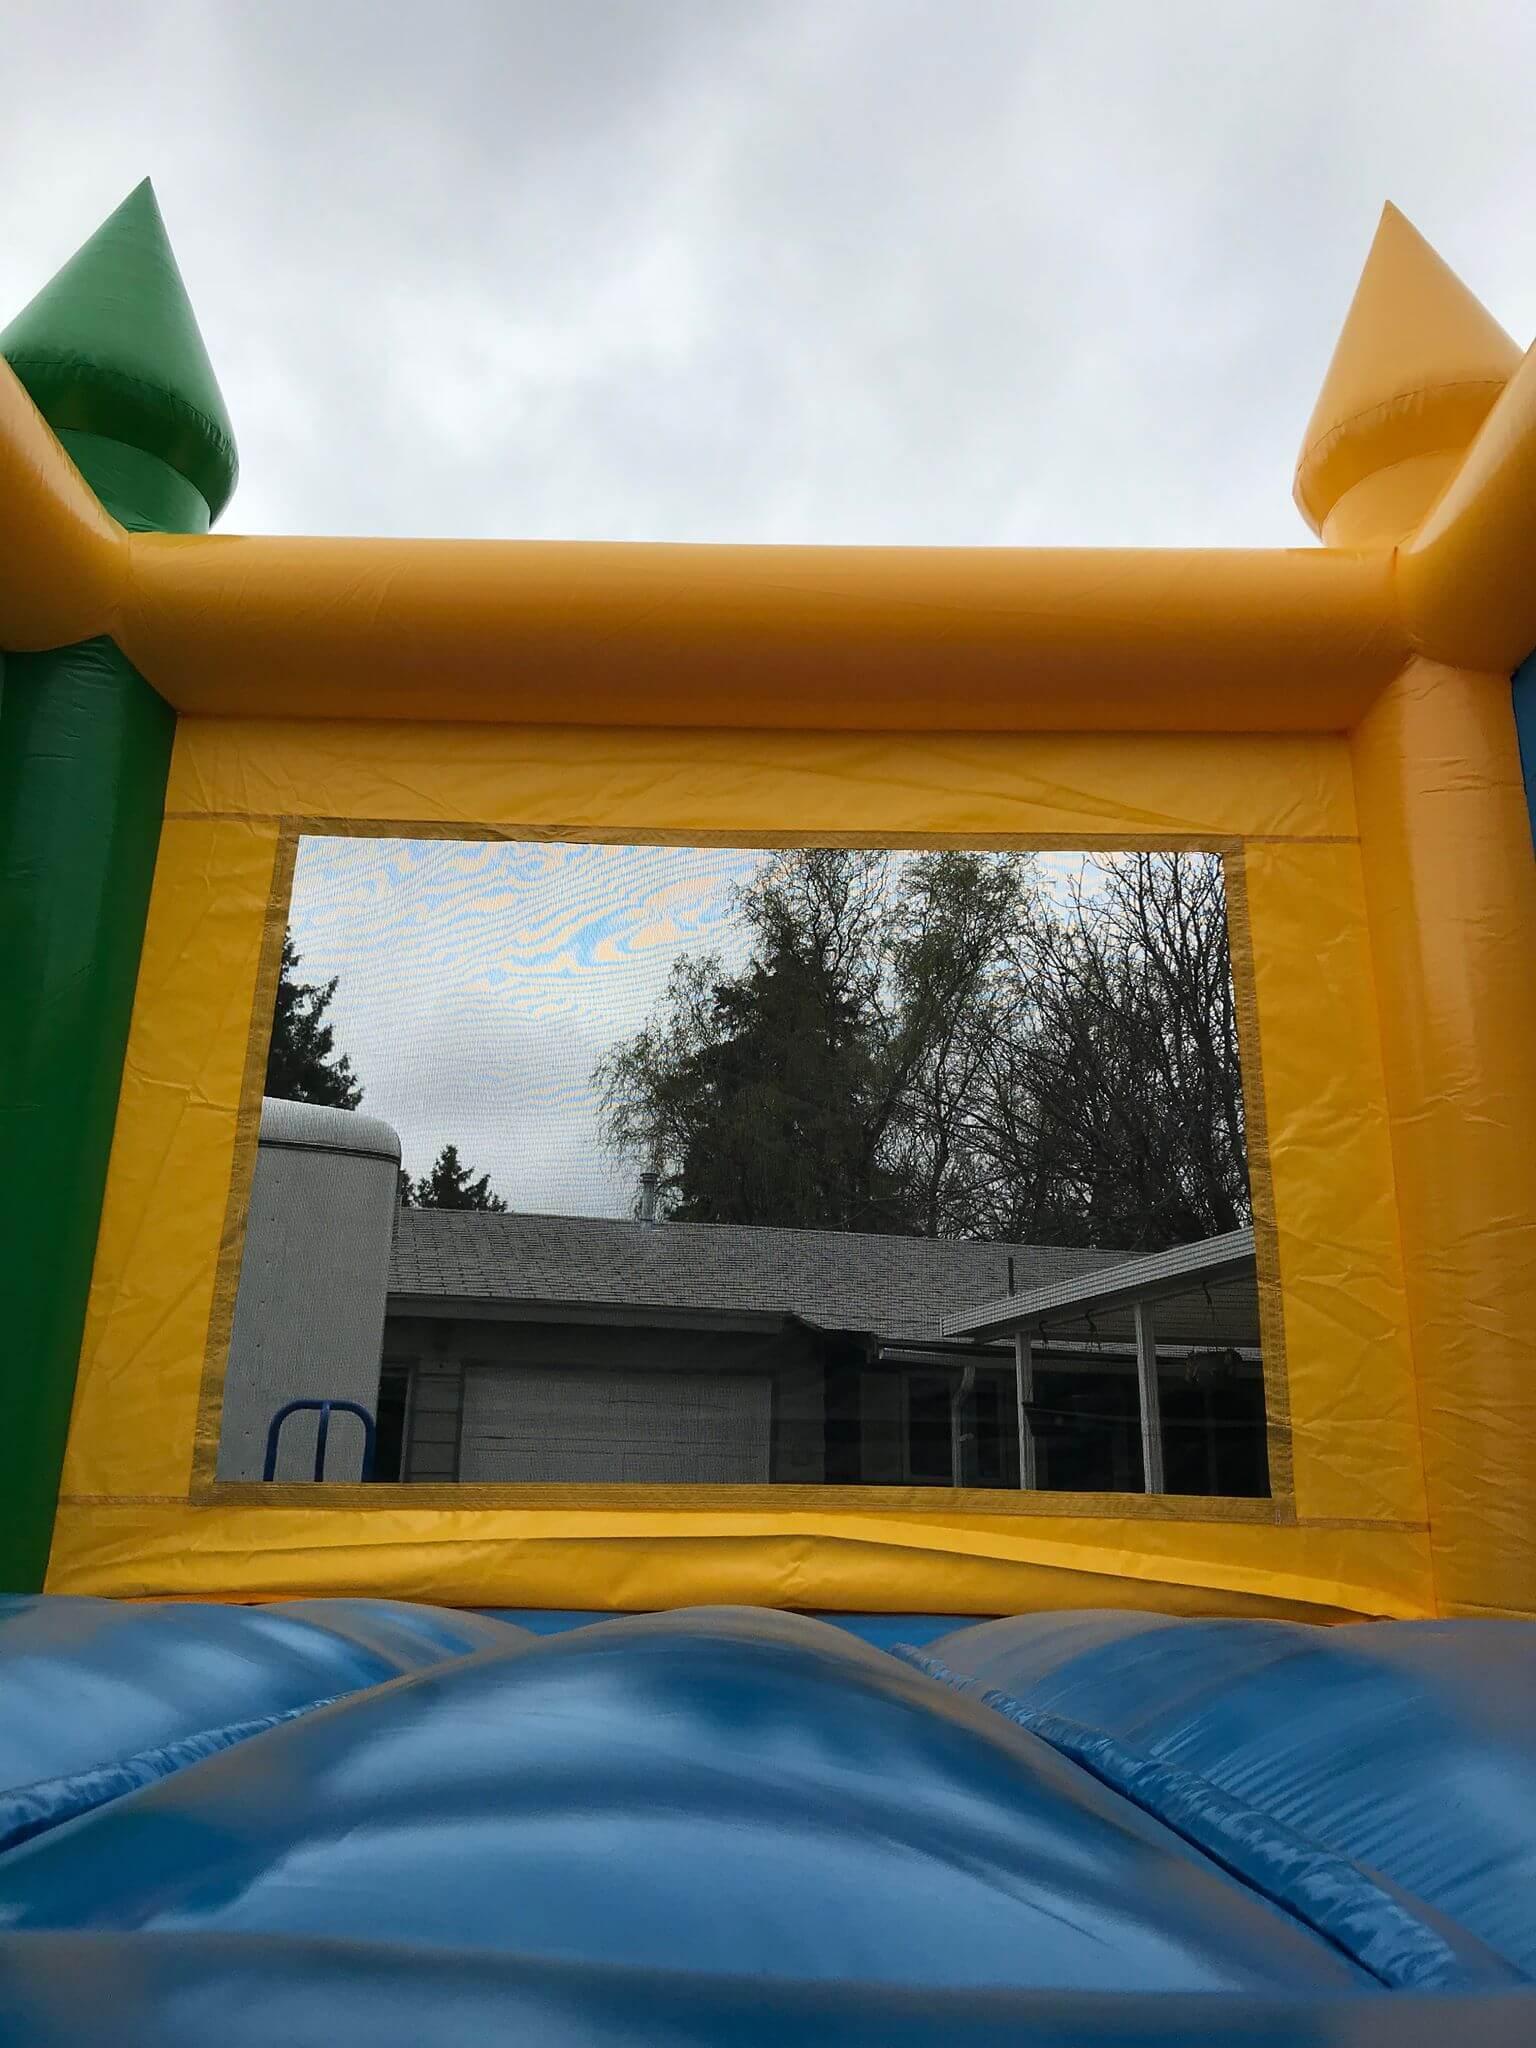 Basic Bouncy house